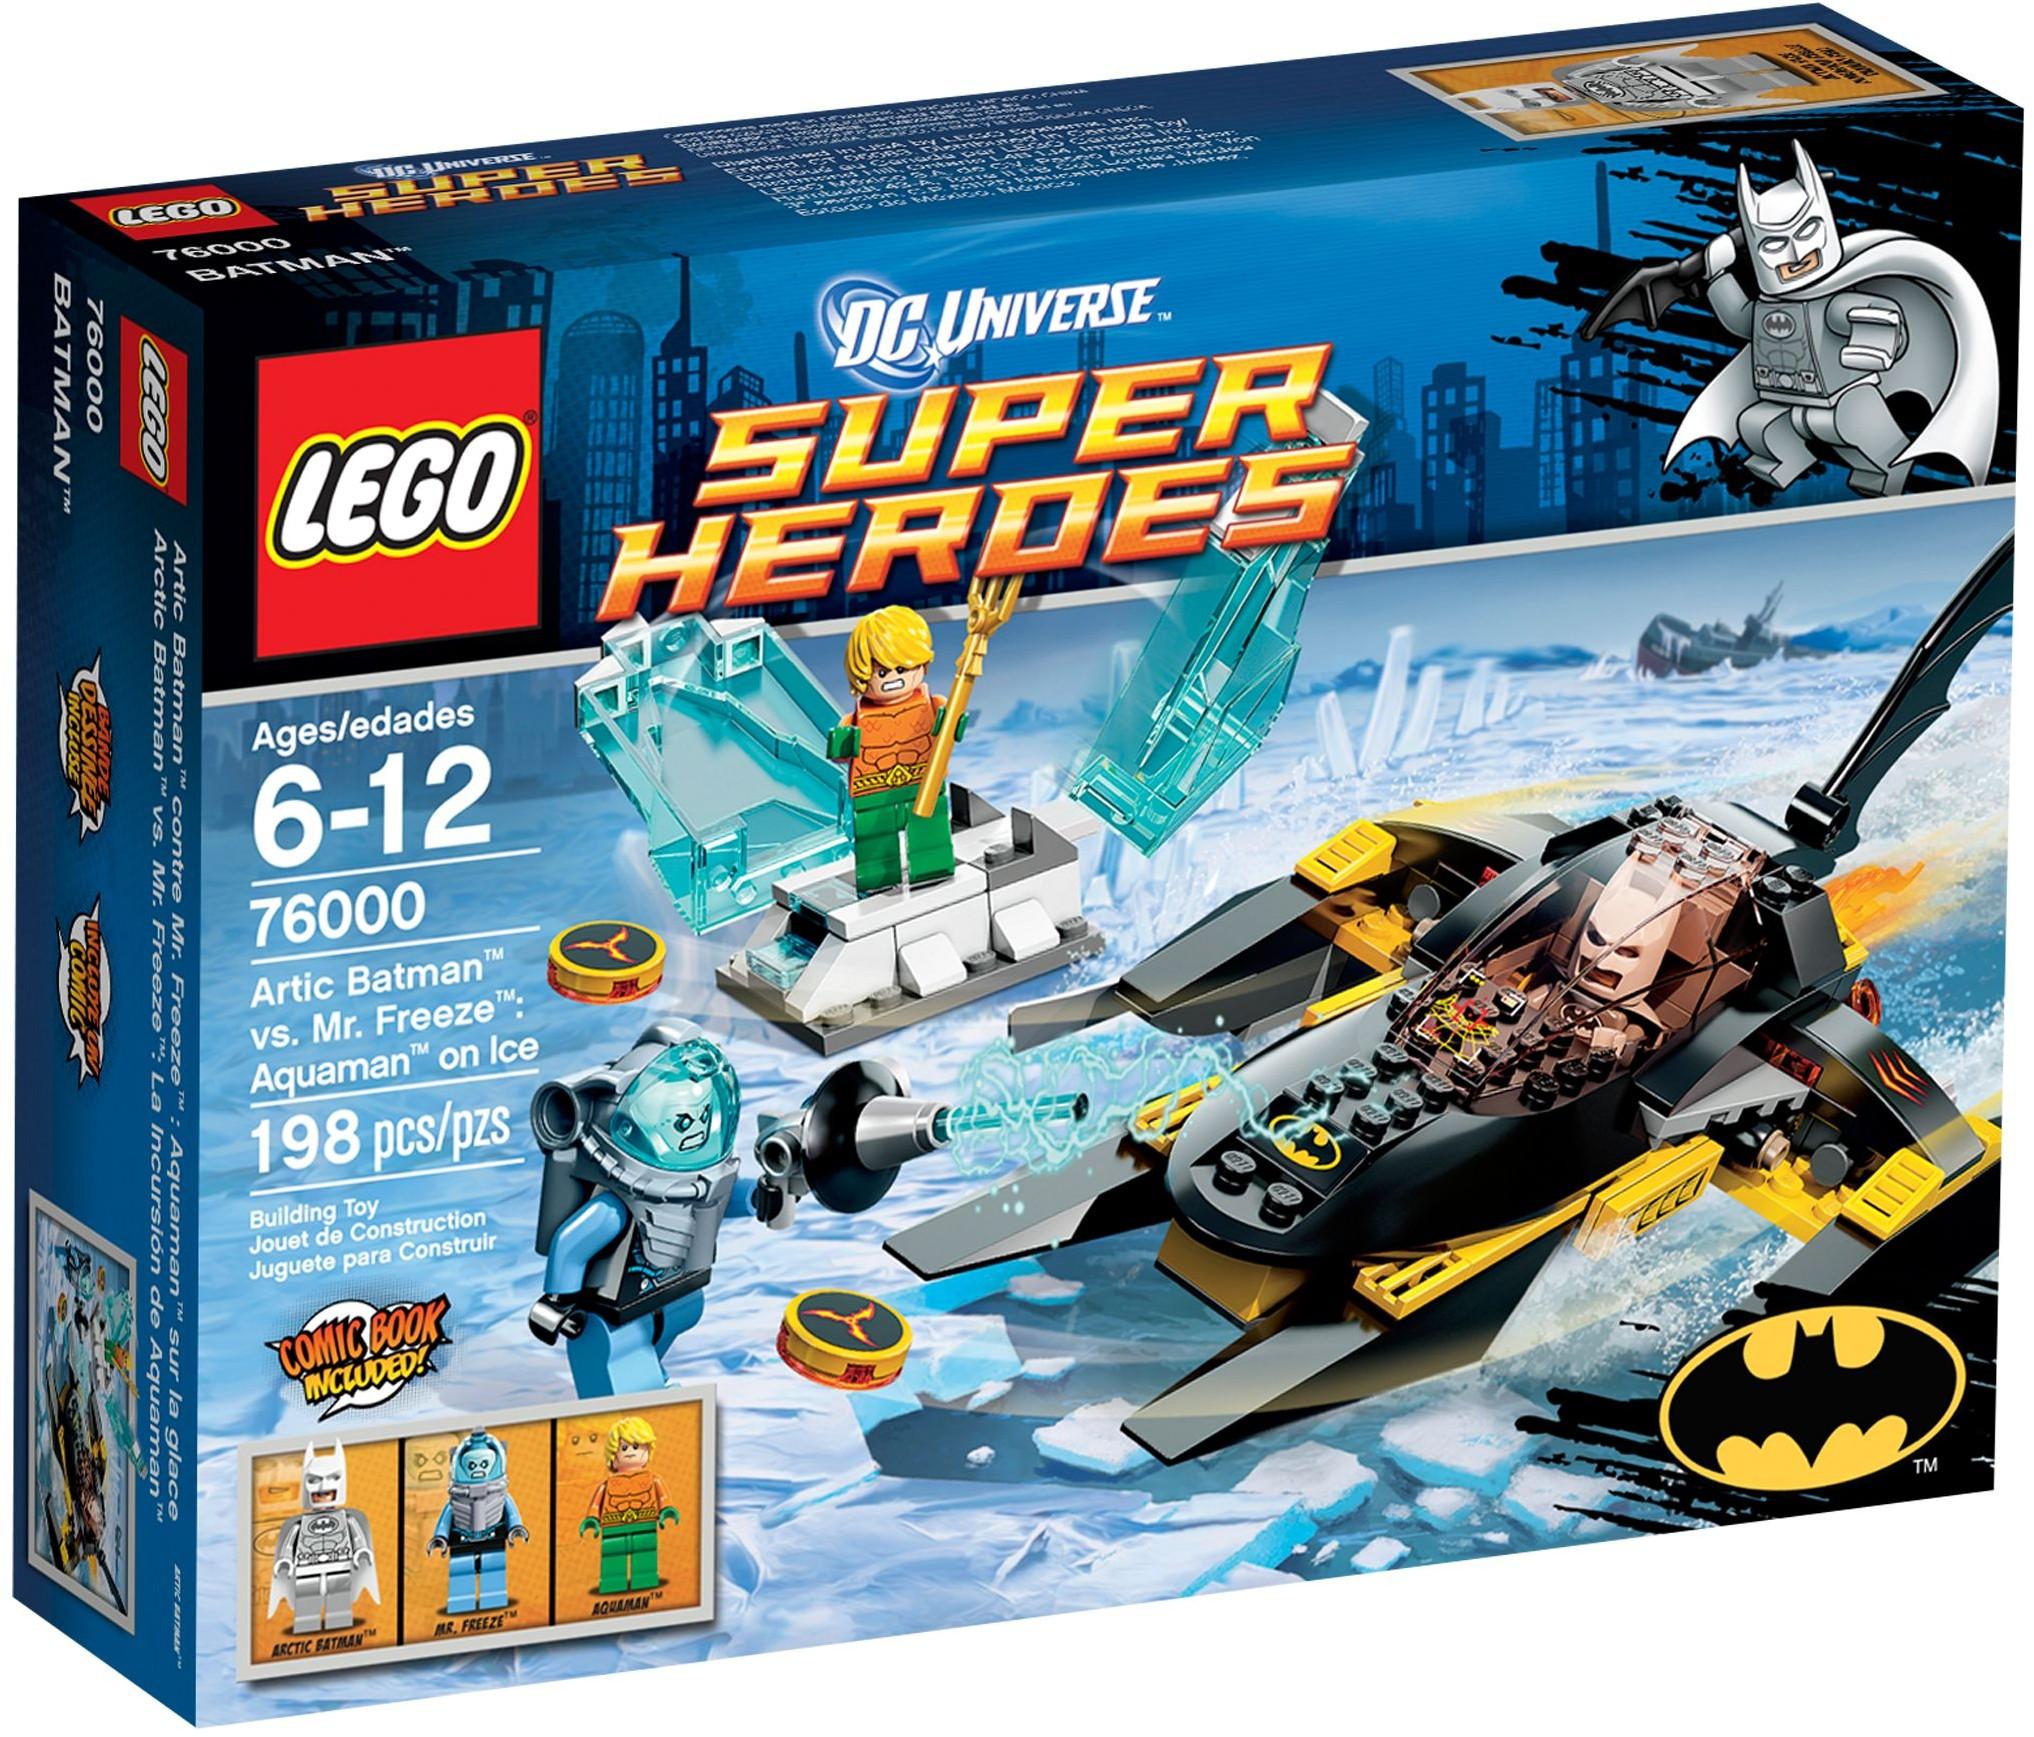 LEGO 76000 - Super Heroes - Arctic Batman vs Mr Freeze: Aquaman on Ice